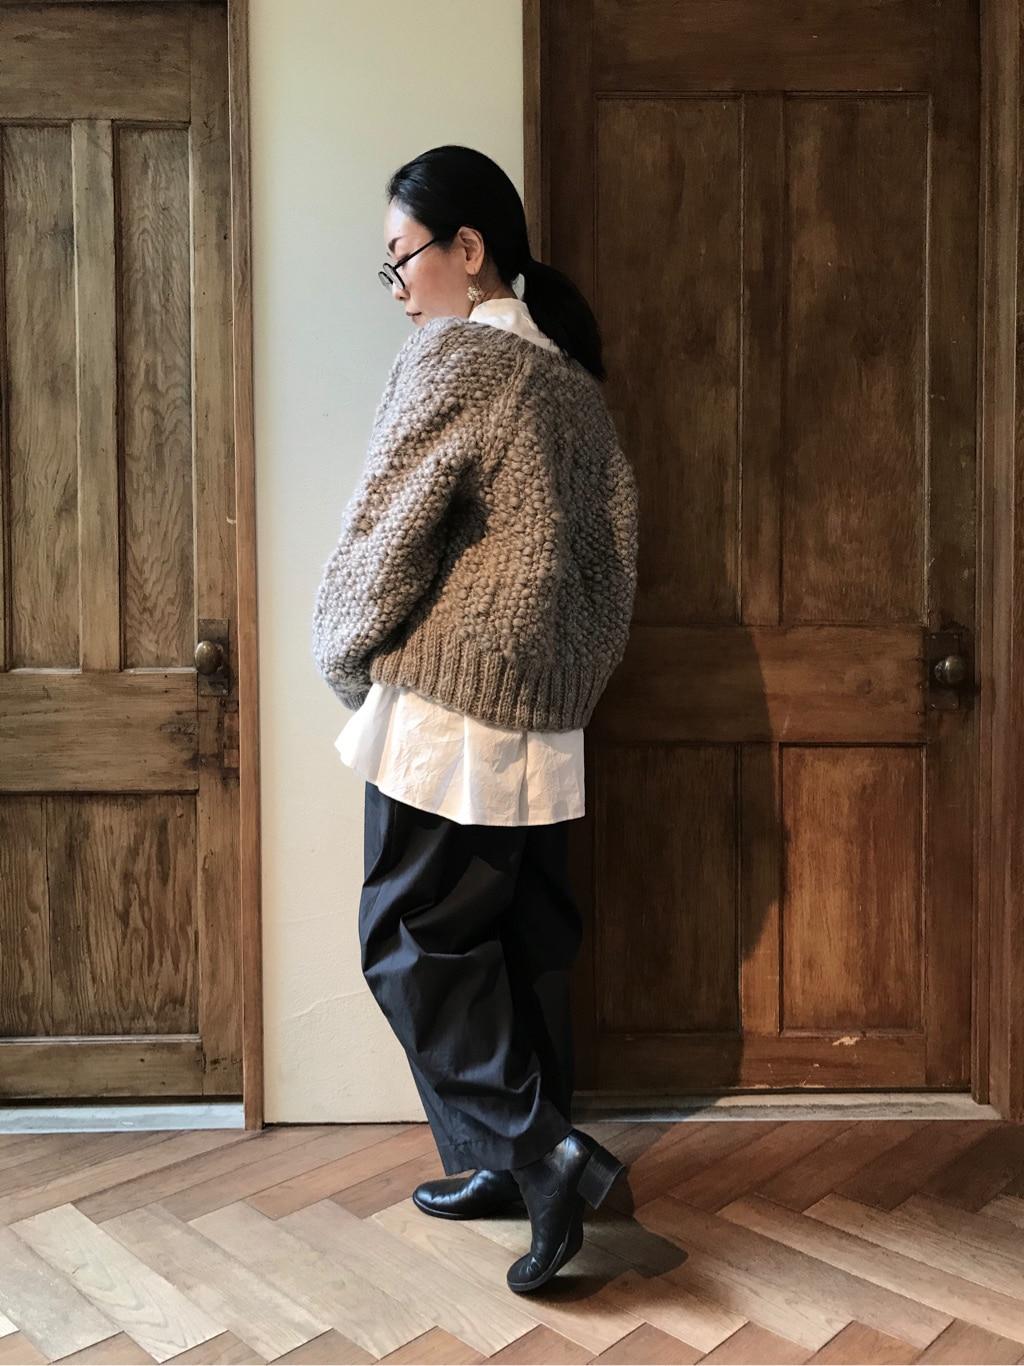 yuni 京都路面 身長:152cm 2020.09.21